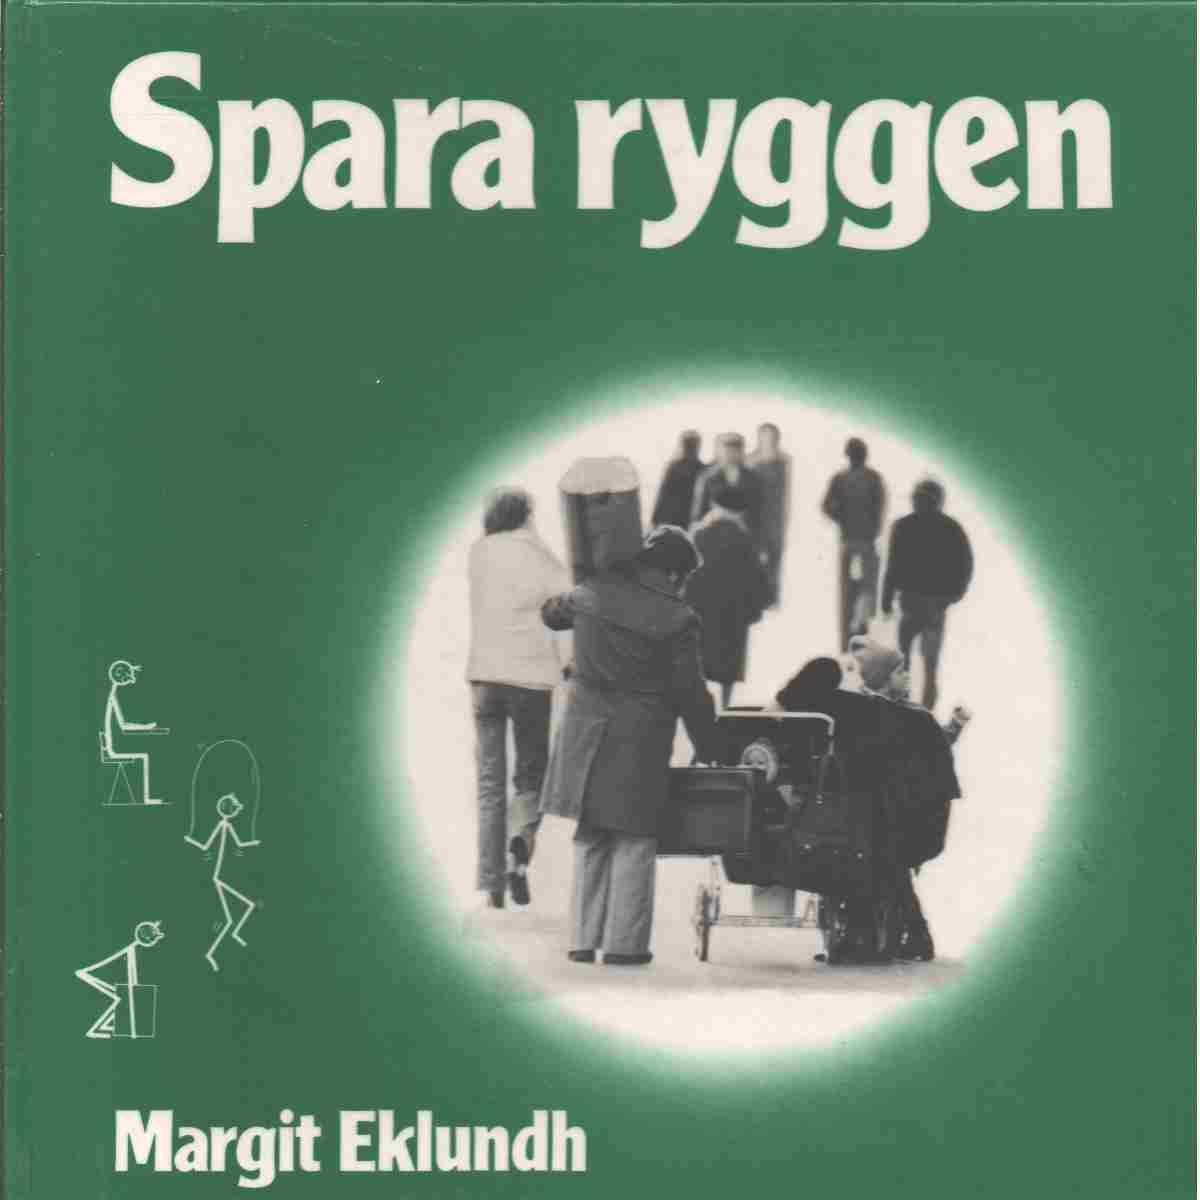 Spara ryggen - Eklundh, Margit